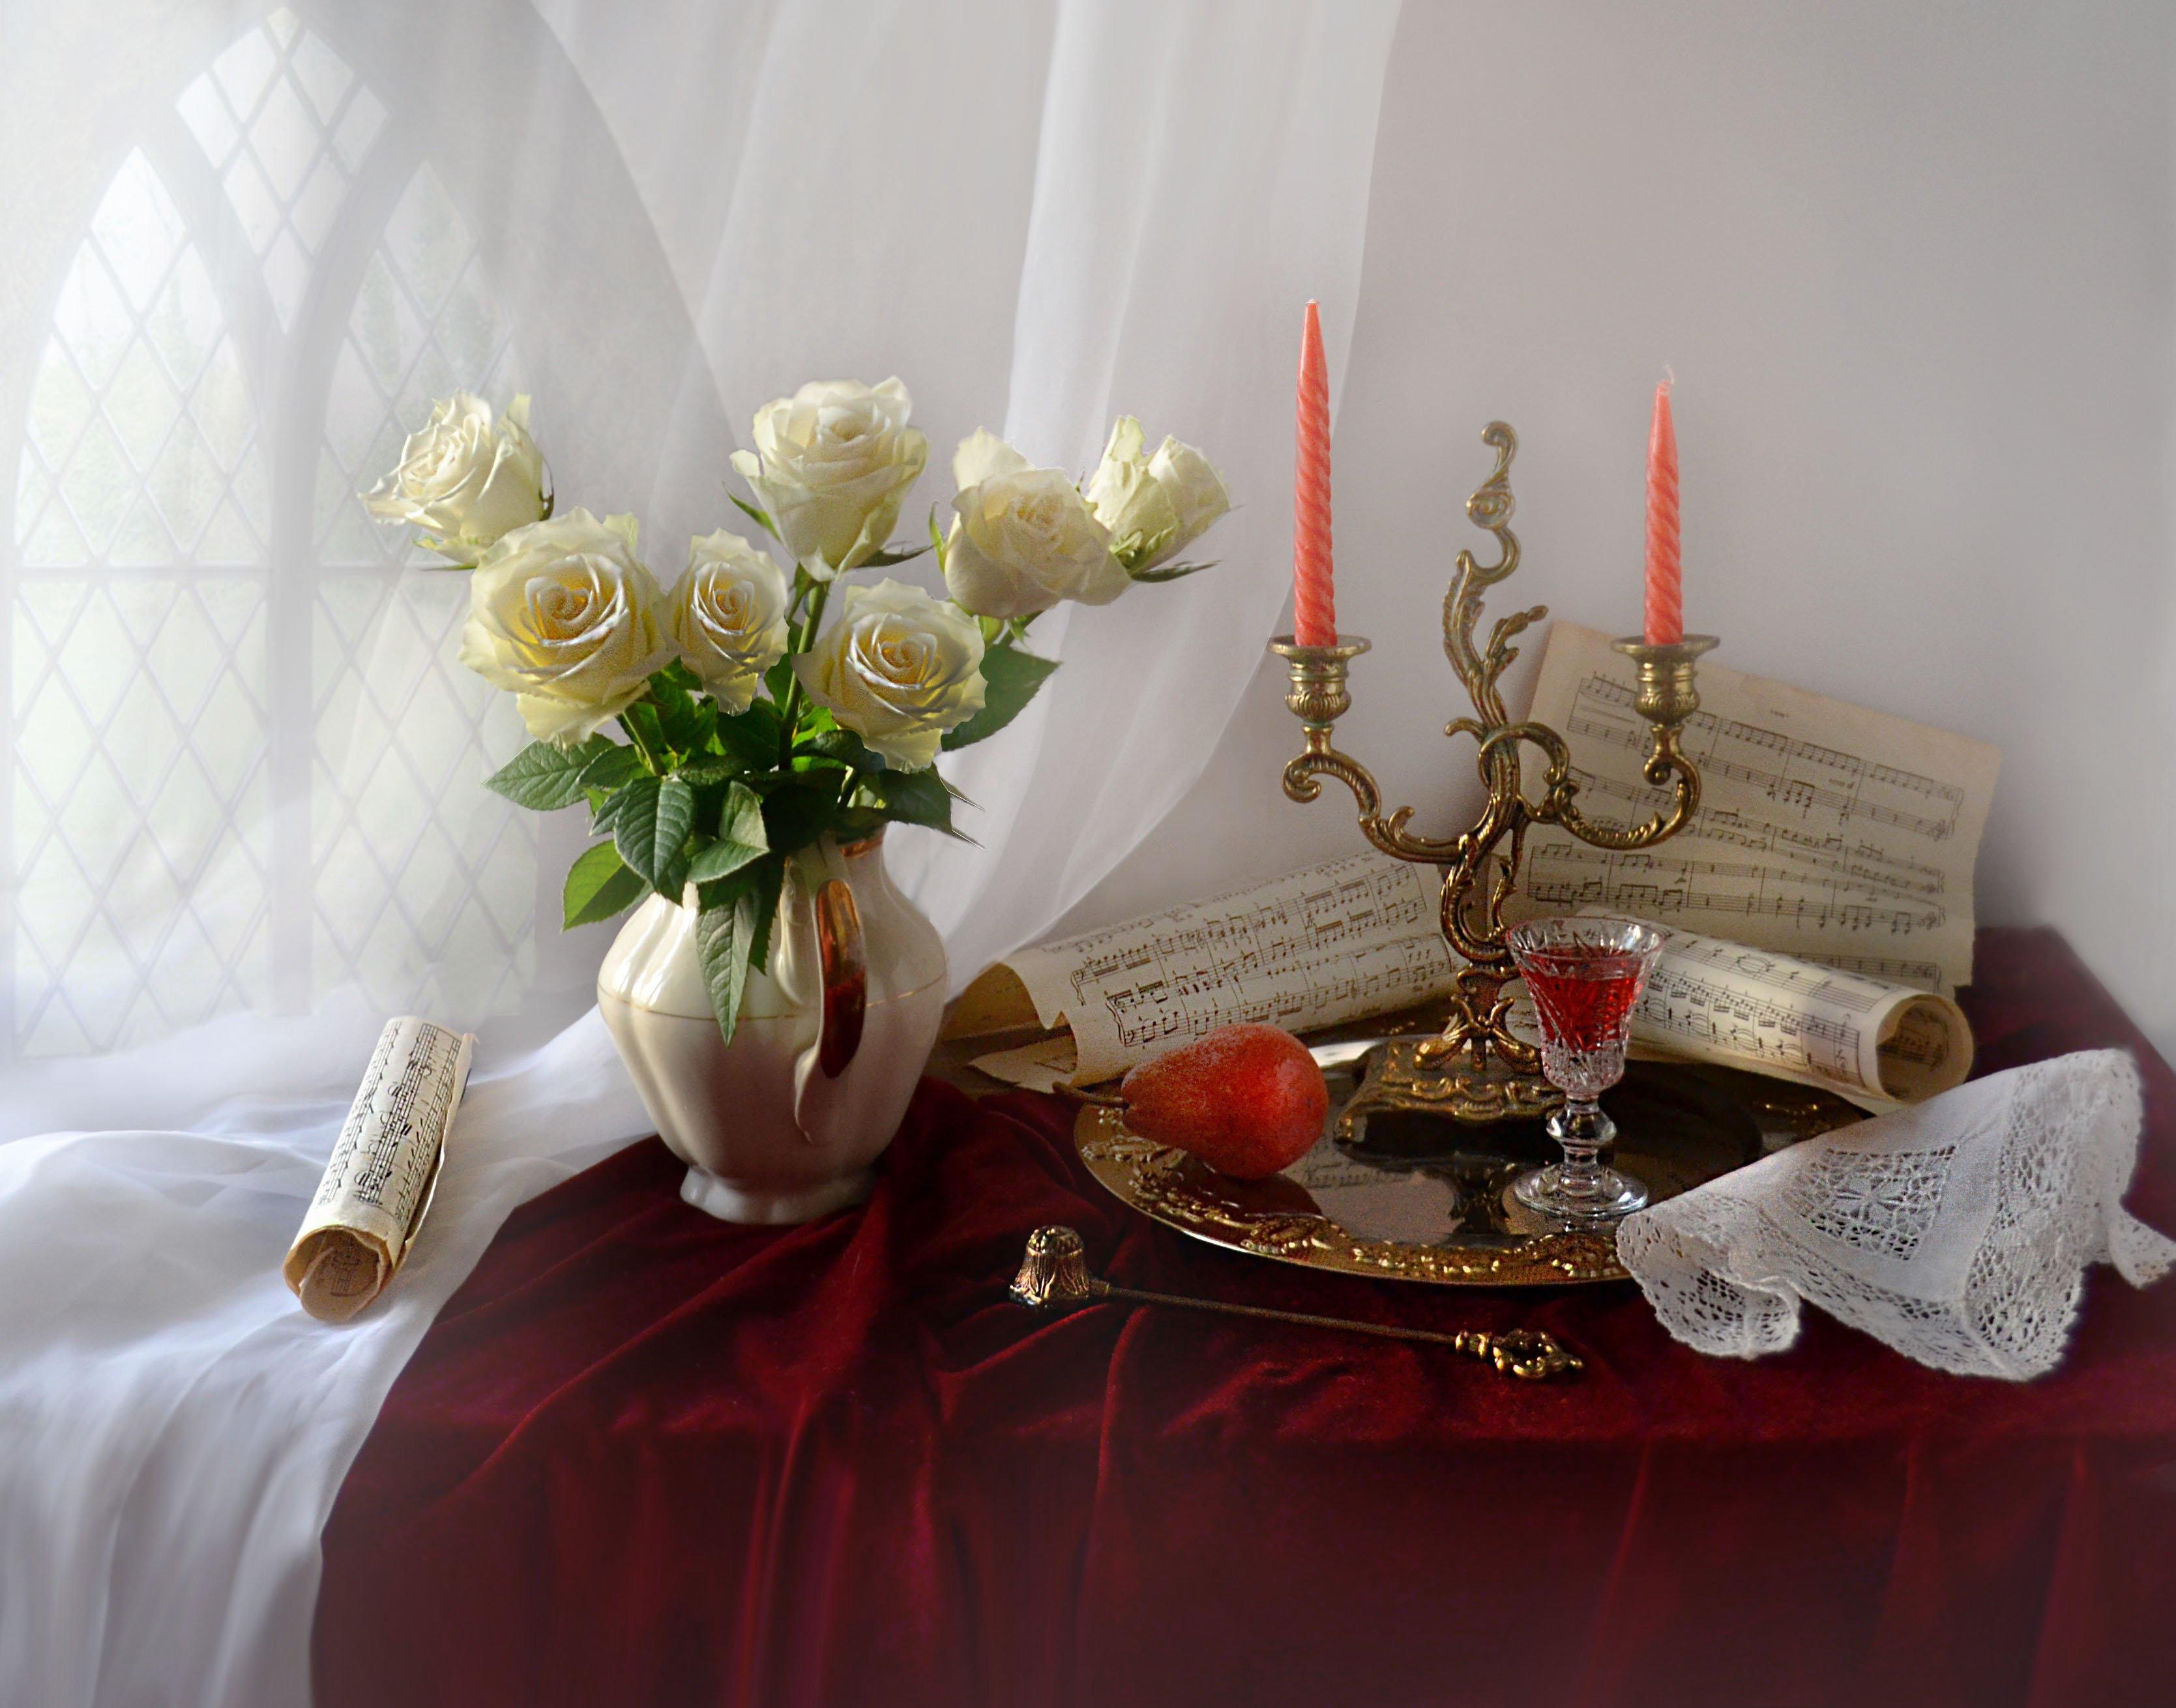 still life, натюрморт, ноты, подсвечник, розы, свечи, стихи, фарфор, фото натюрморт, цветы, Колова Валентина